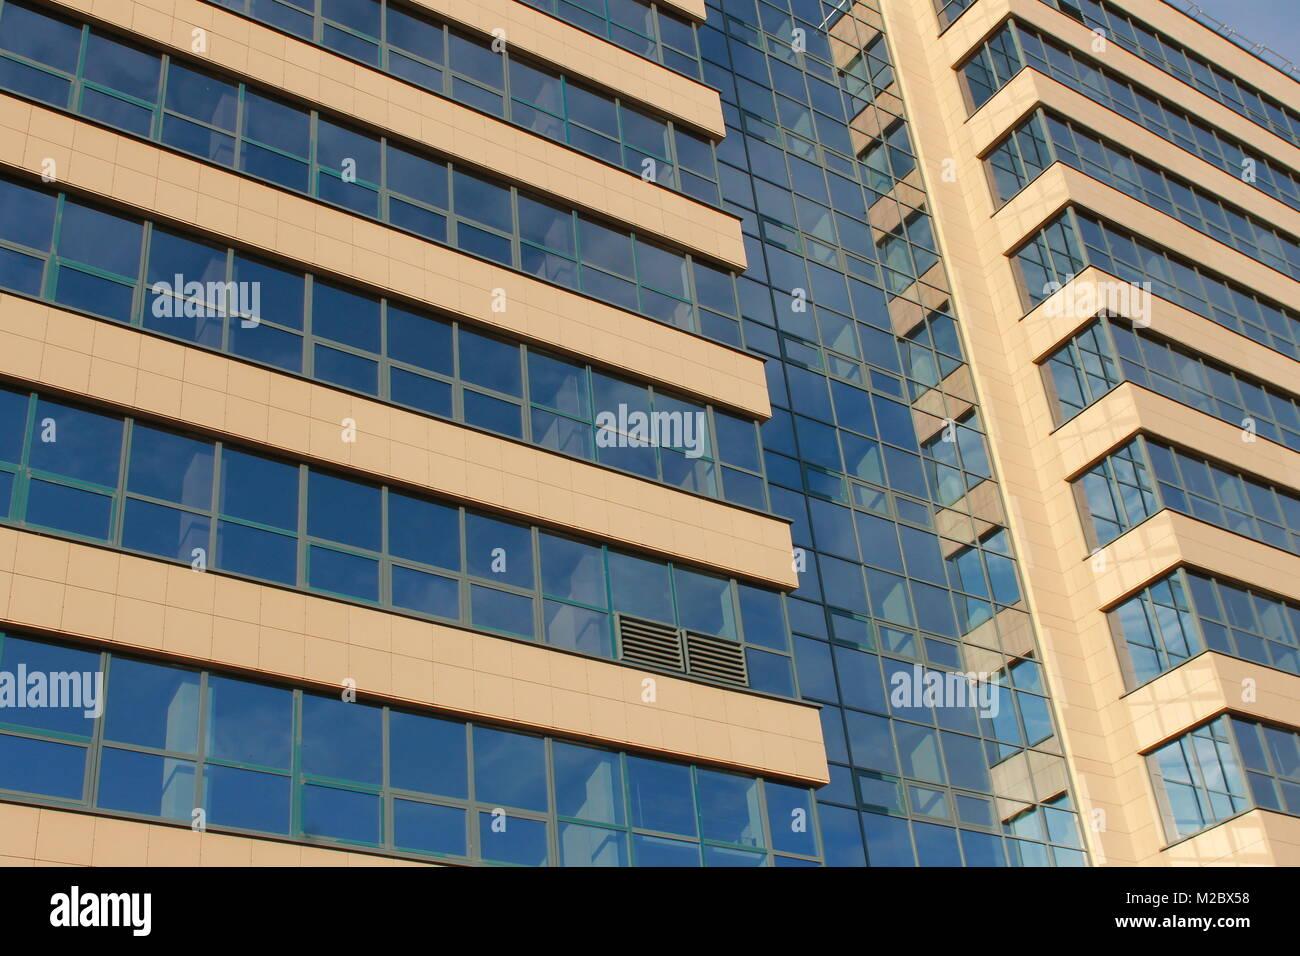 Immeuble de bureaux modernes mur de verre bleu et cadre d acier